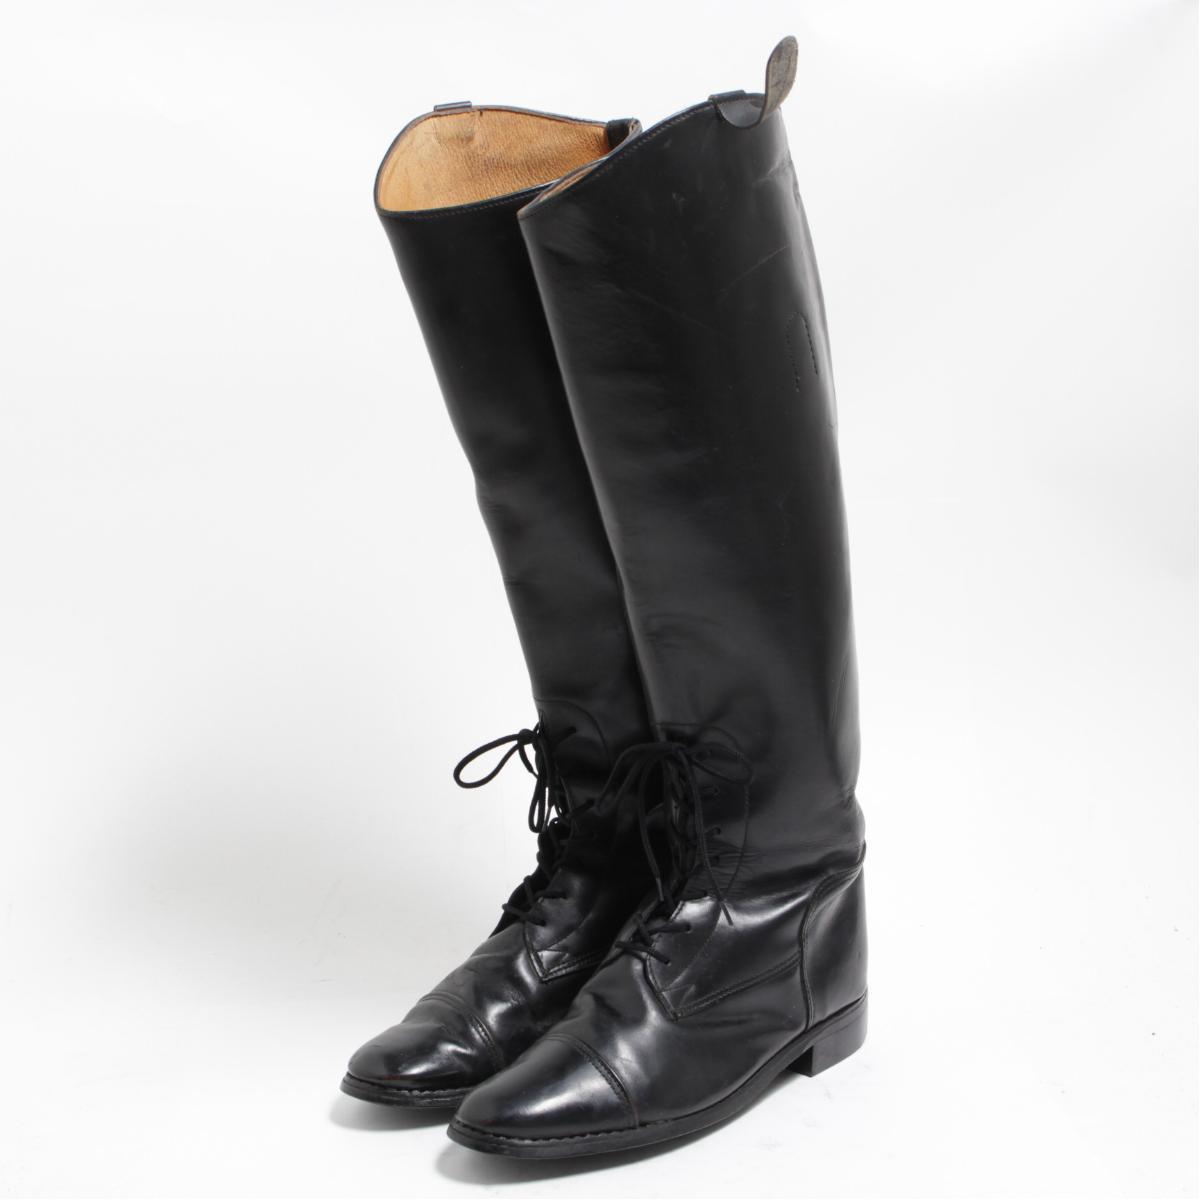 ジョッキー乗馬ブーツ USA製 7B レディース23.5cm /bom4656 【中古】 【180410】